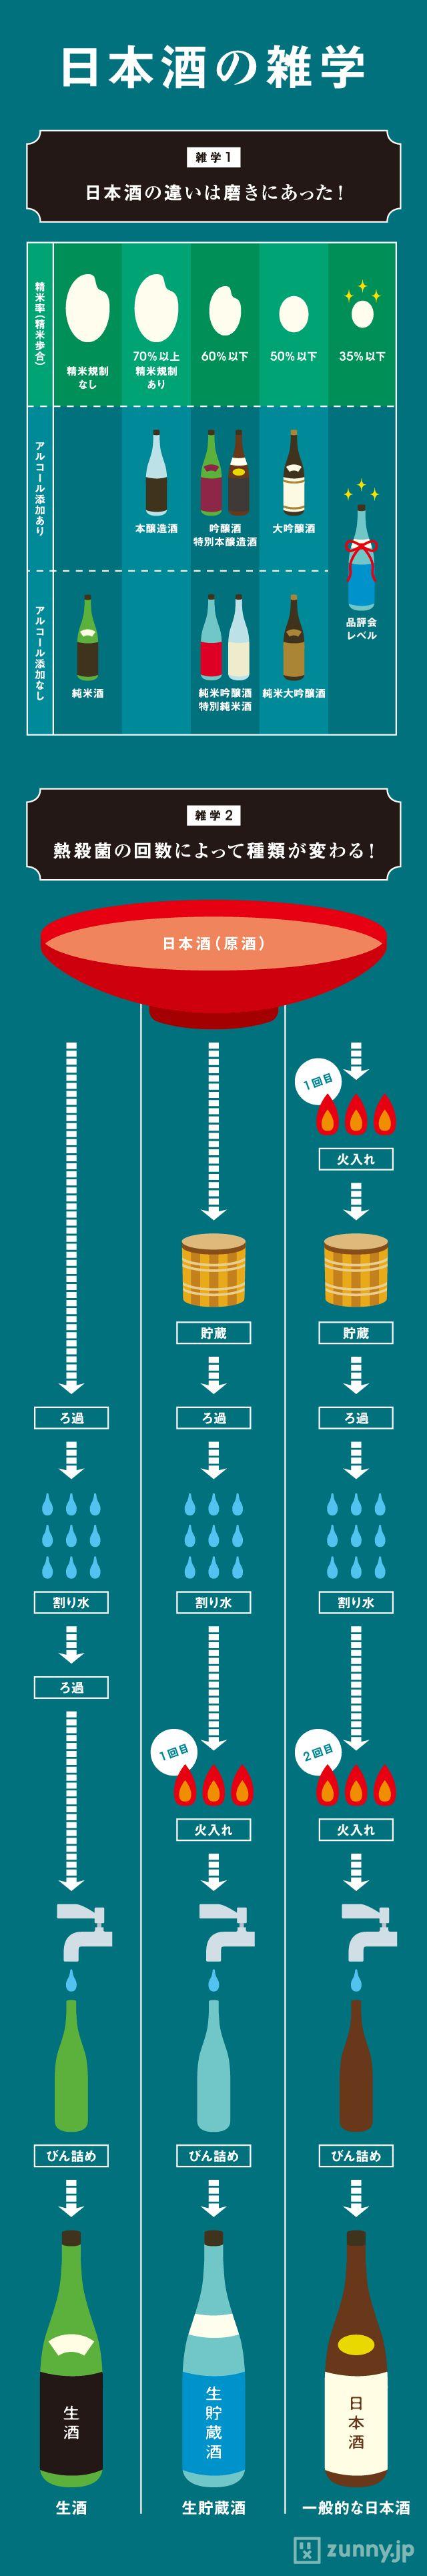 「精米率×熱処理」でわかる! 日本酒の分類 | ZUNNY インフォグラフィック・ニュース